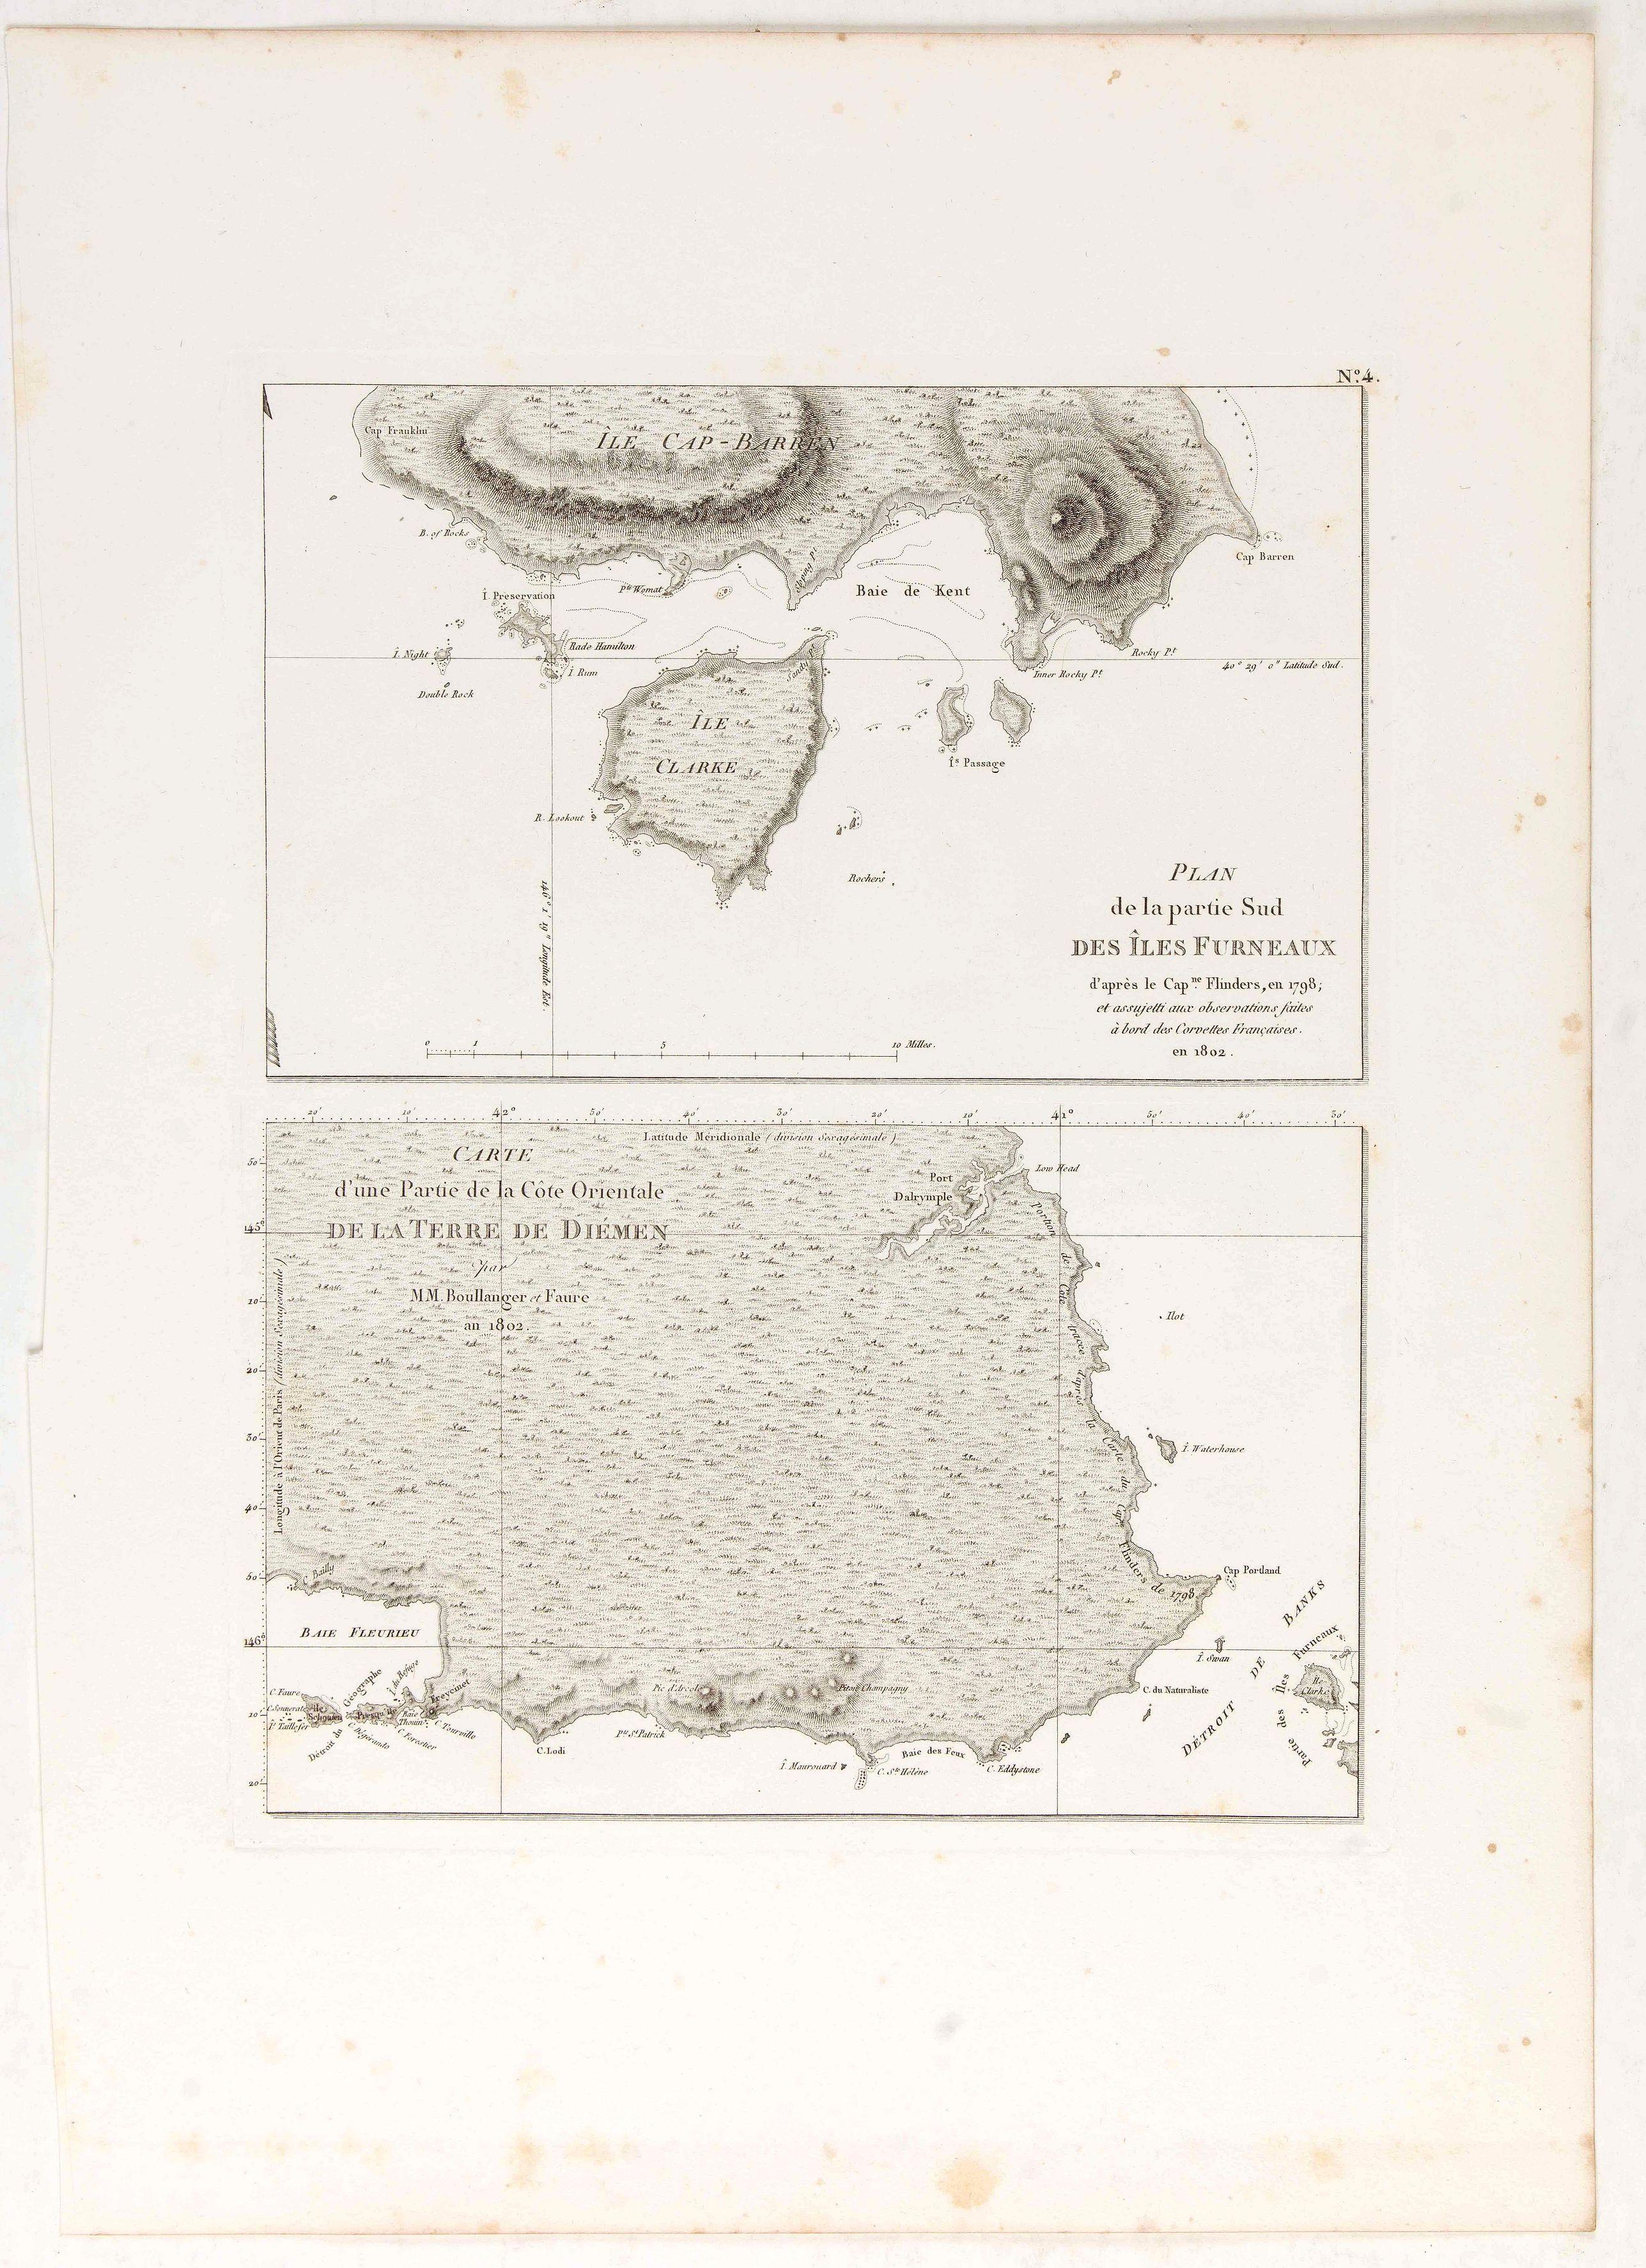 LESUEUR, C-A. / PERON, F. -  Plan de la partie sud des Iles Furneaux [with] Carte générale de la Partie Sud-Est de la Terre de Diémen . . .